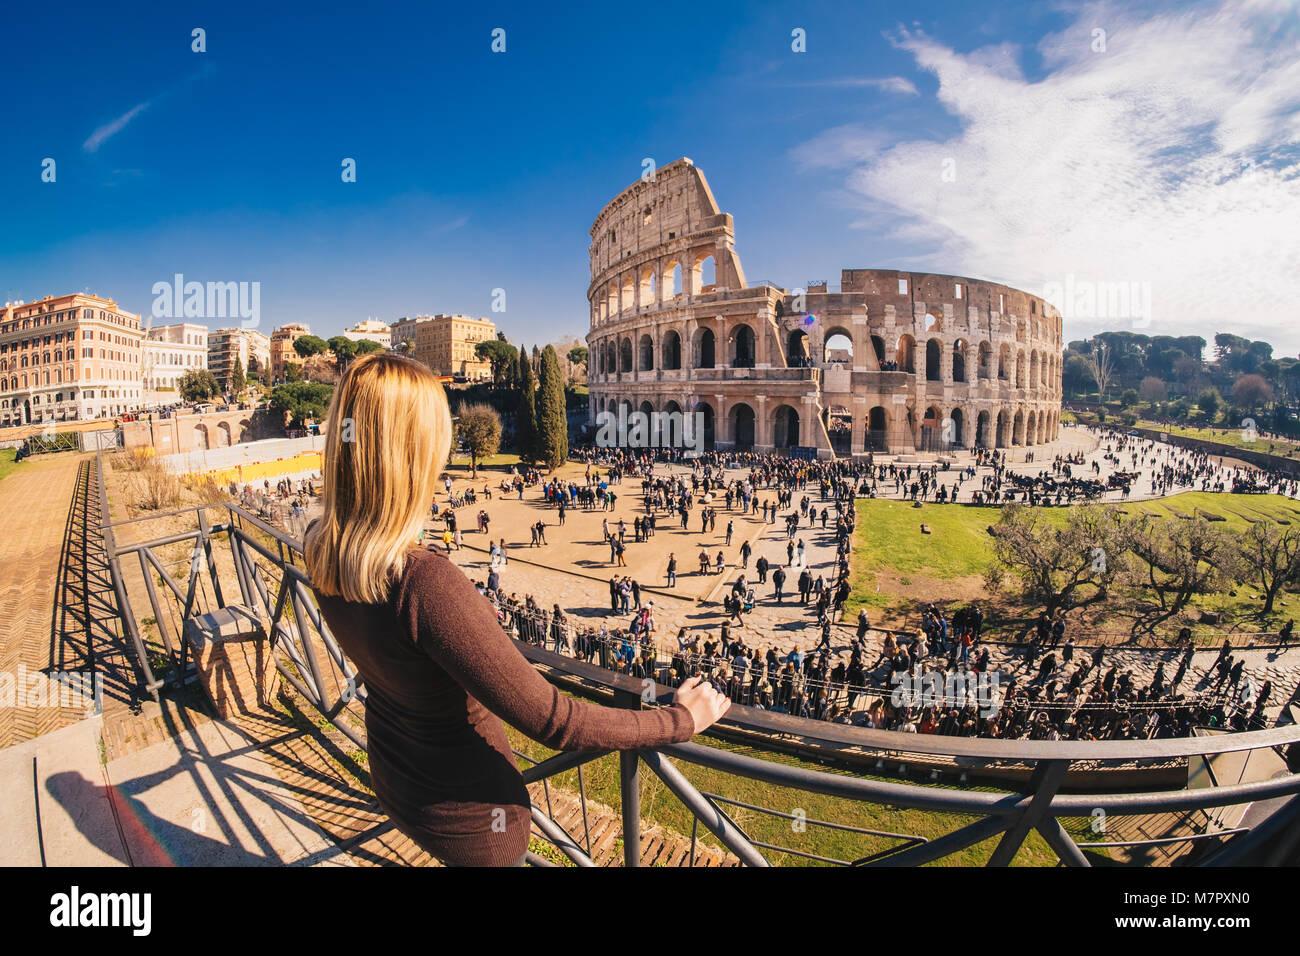 Female traveler veillant sur le Colisée à Rome, Italie Photo Stock